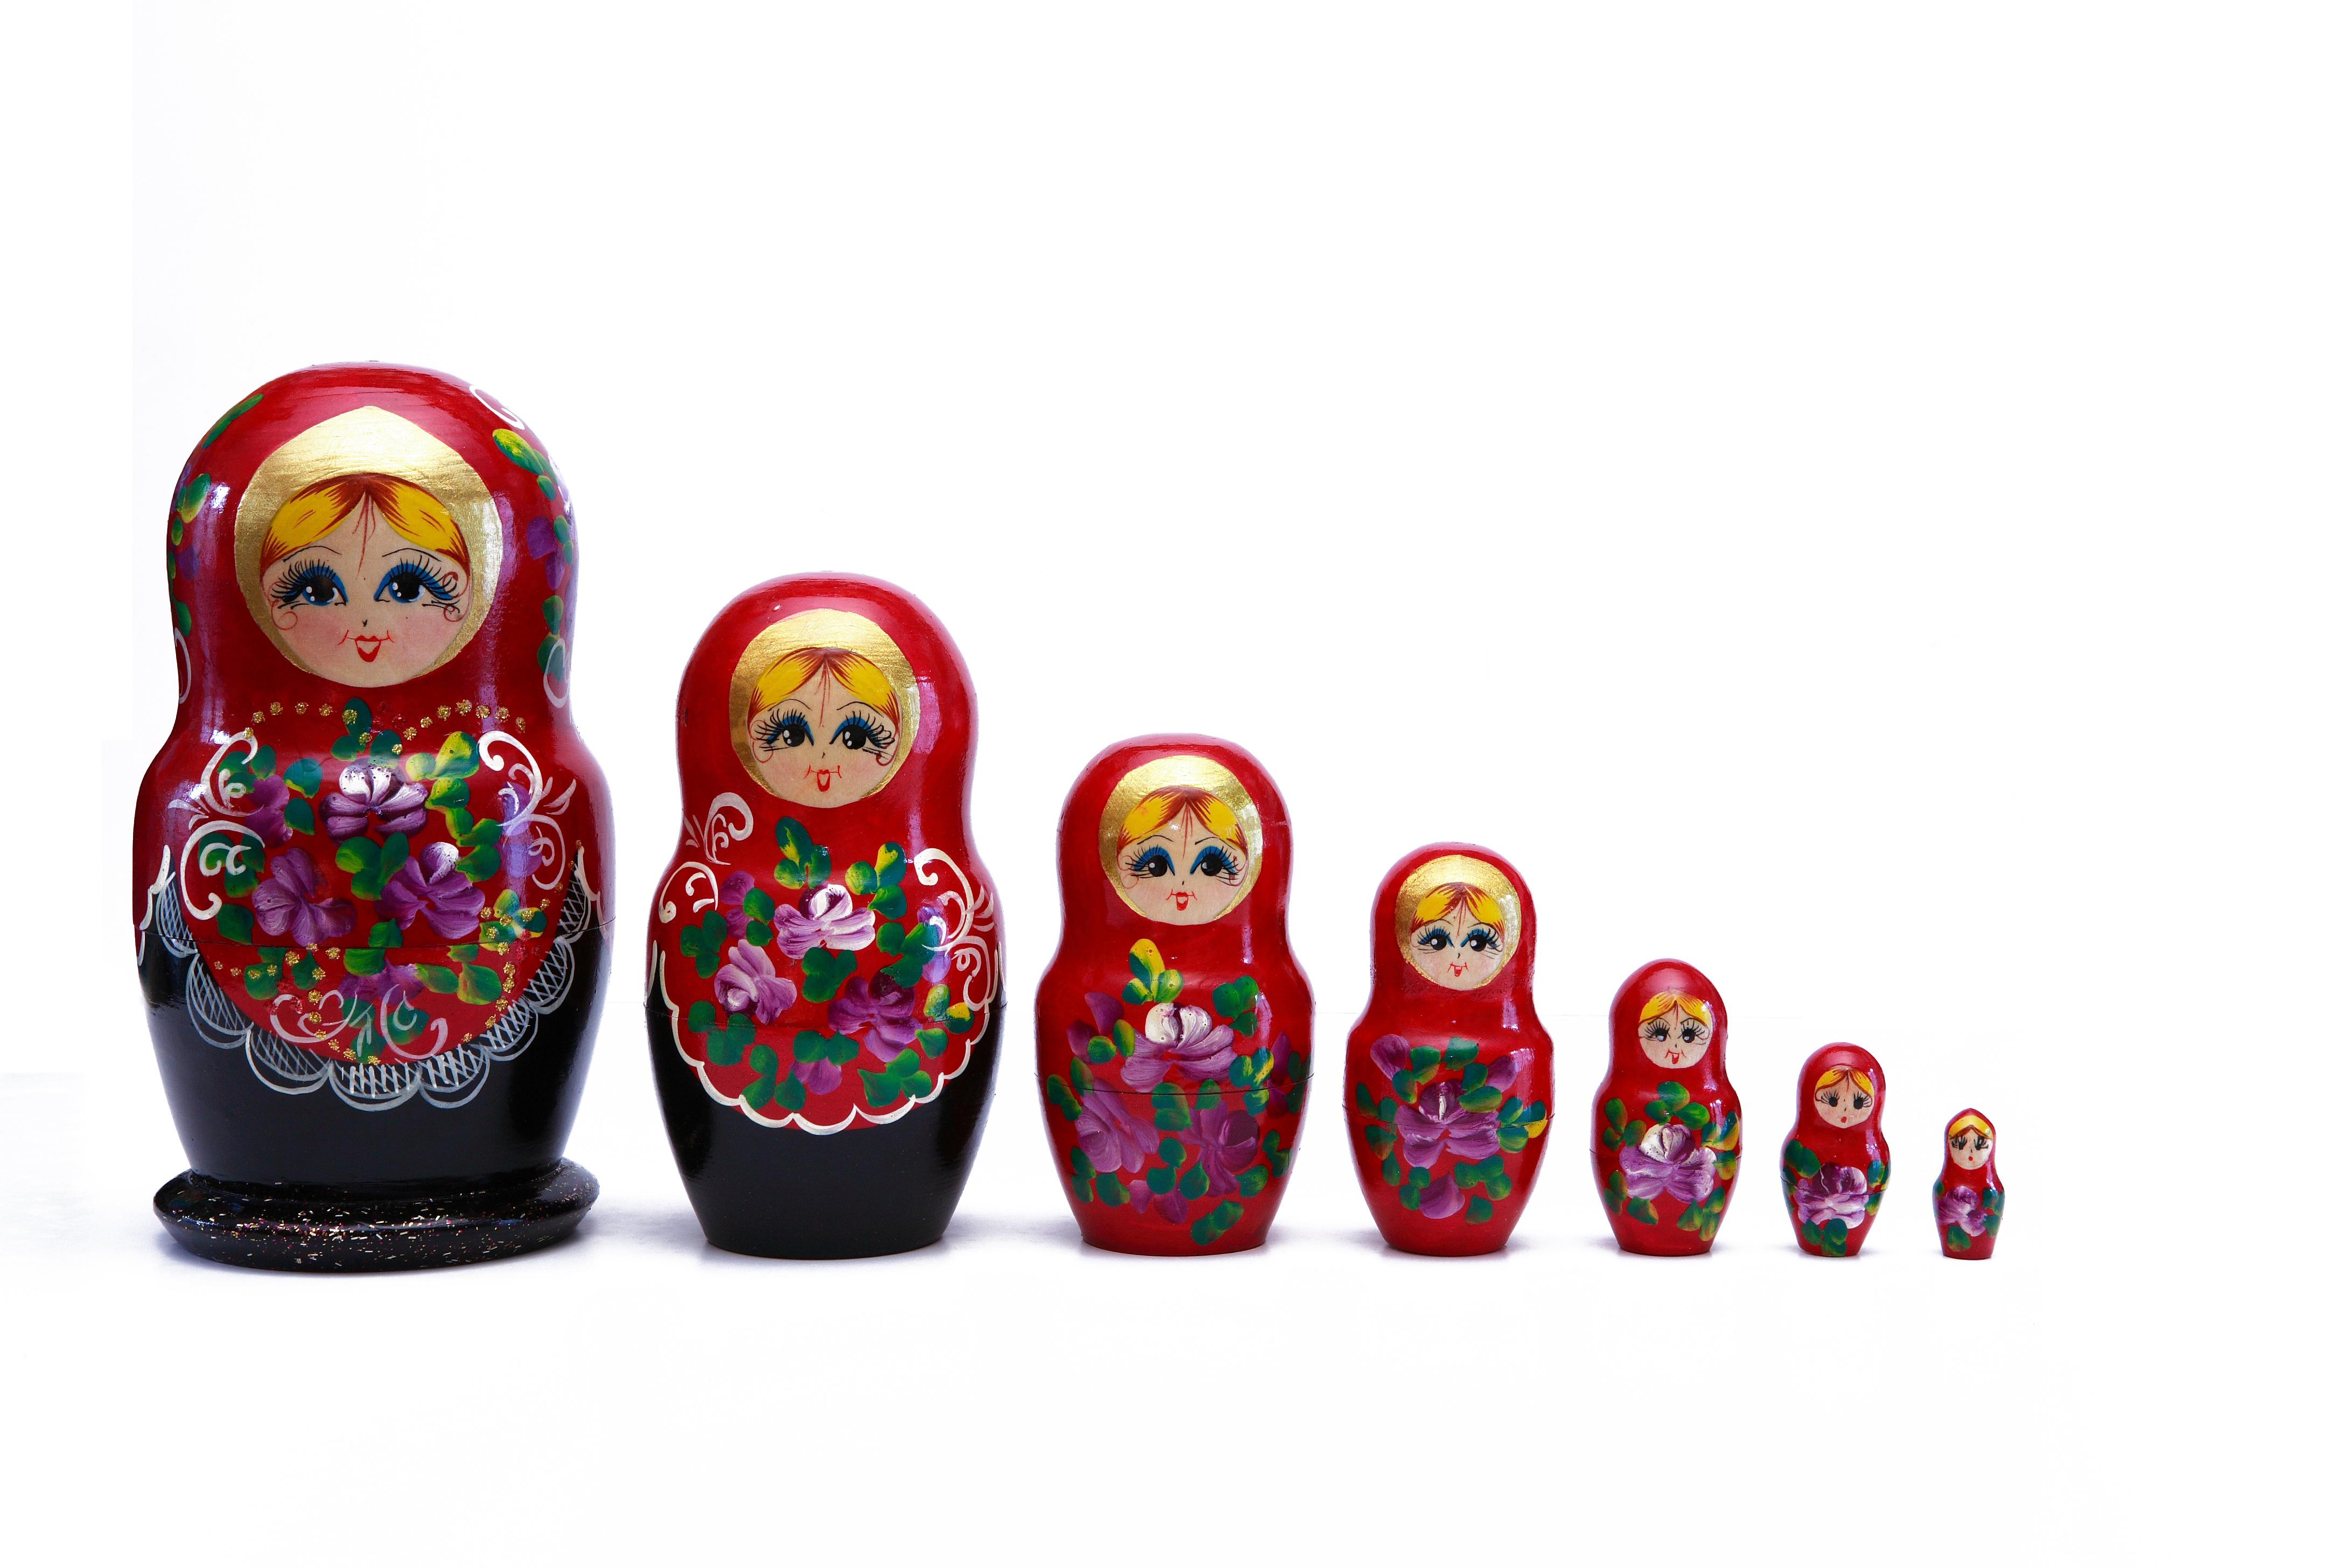 マトリョーシカ 小さい人形